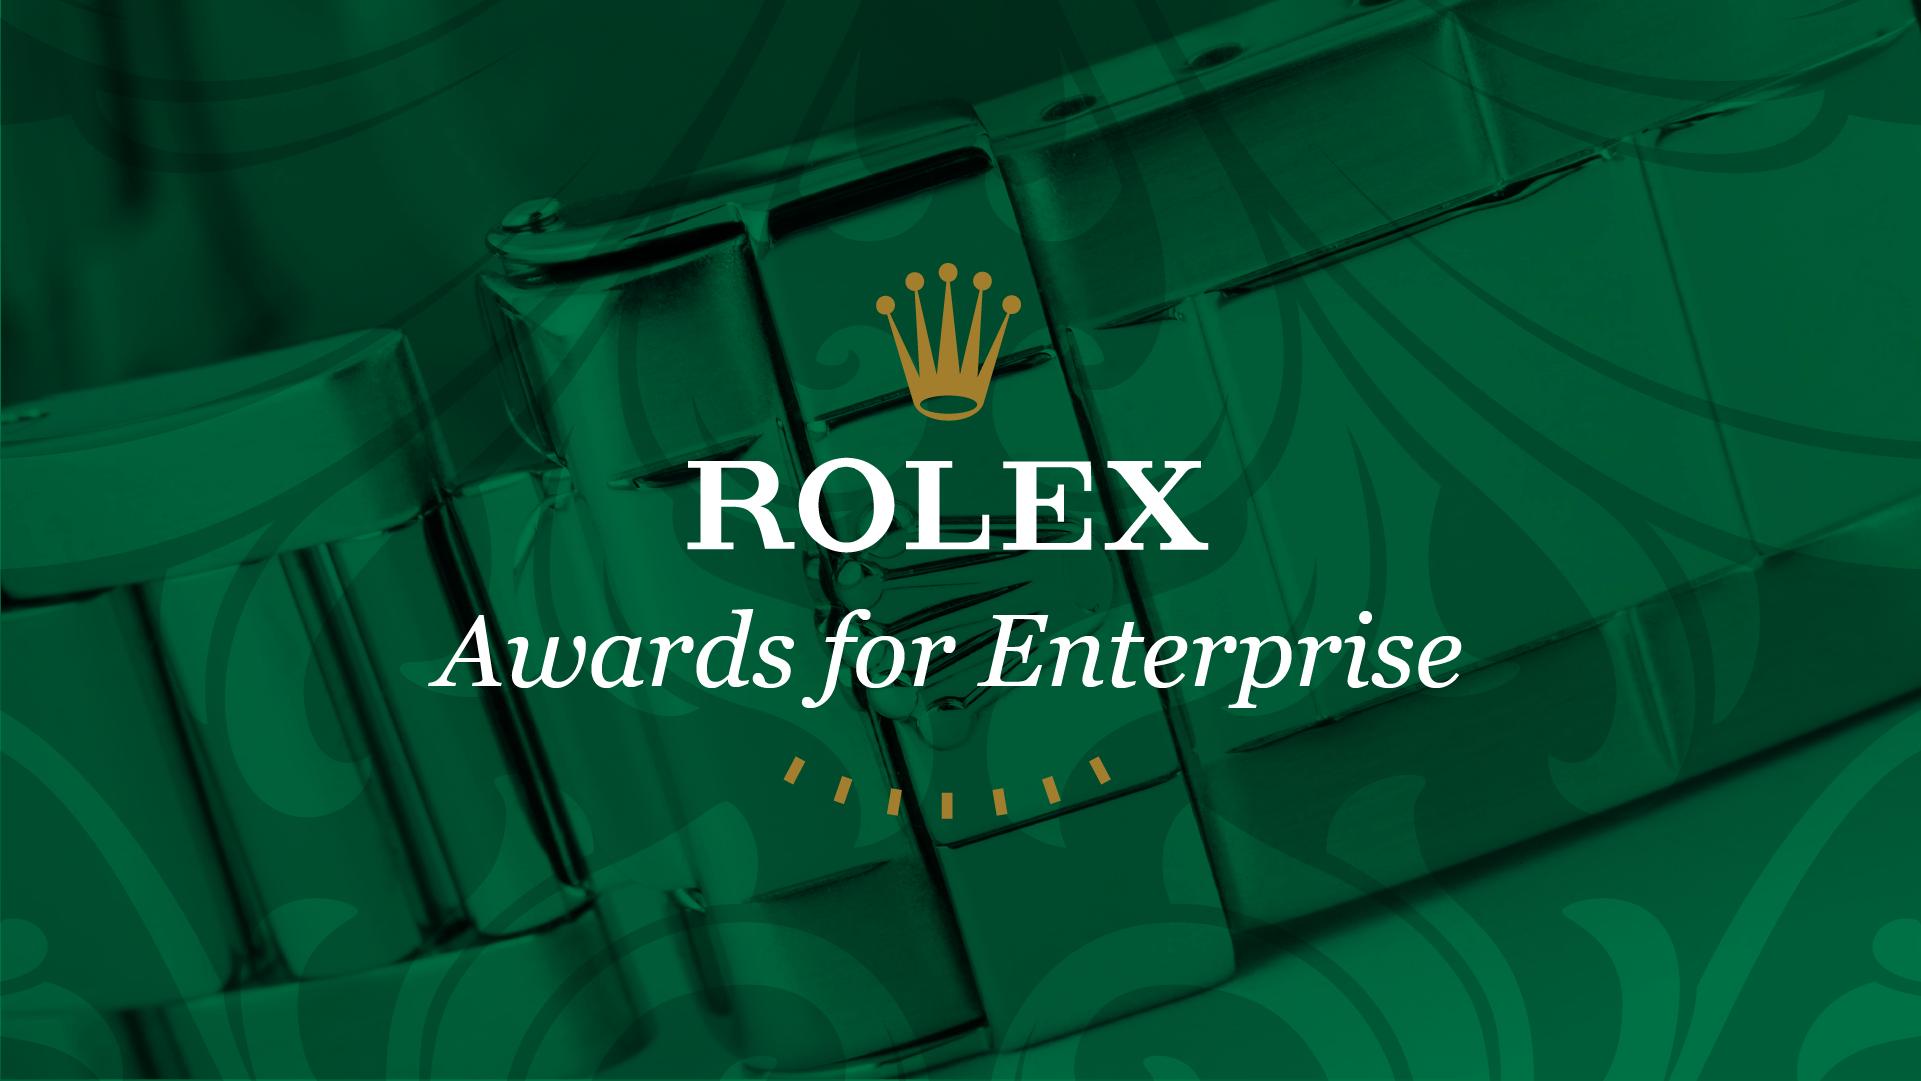 rolex-concepts_A02.png